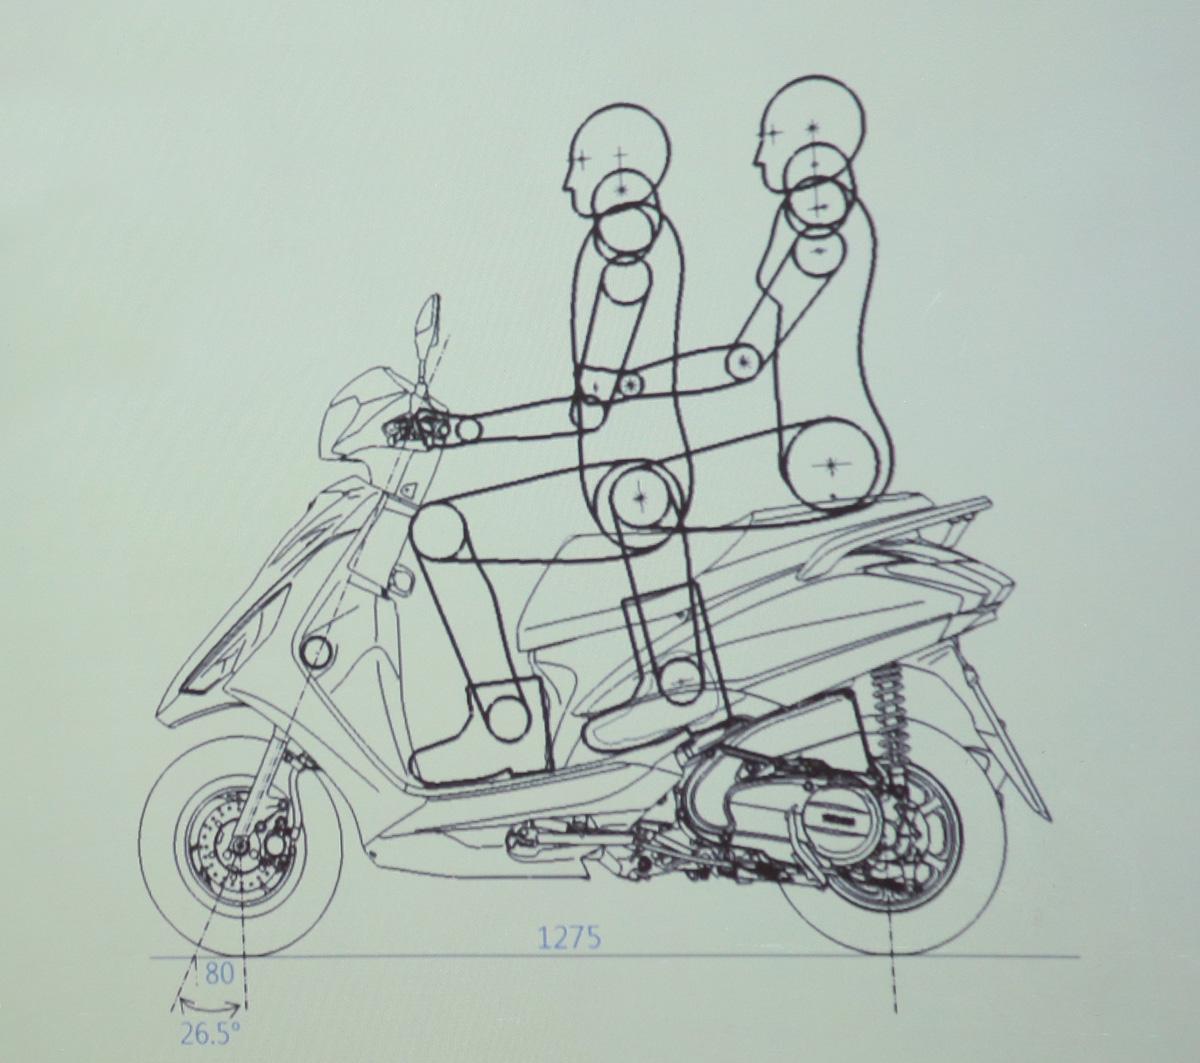 特別強調雙載機能性,後腳踏位置後移,不會發生前後坐腳打架情況